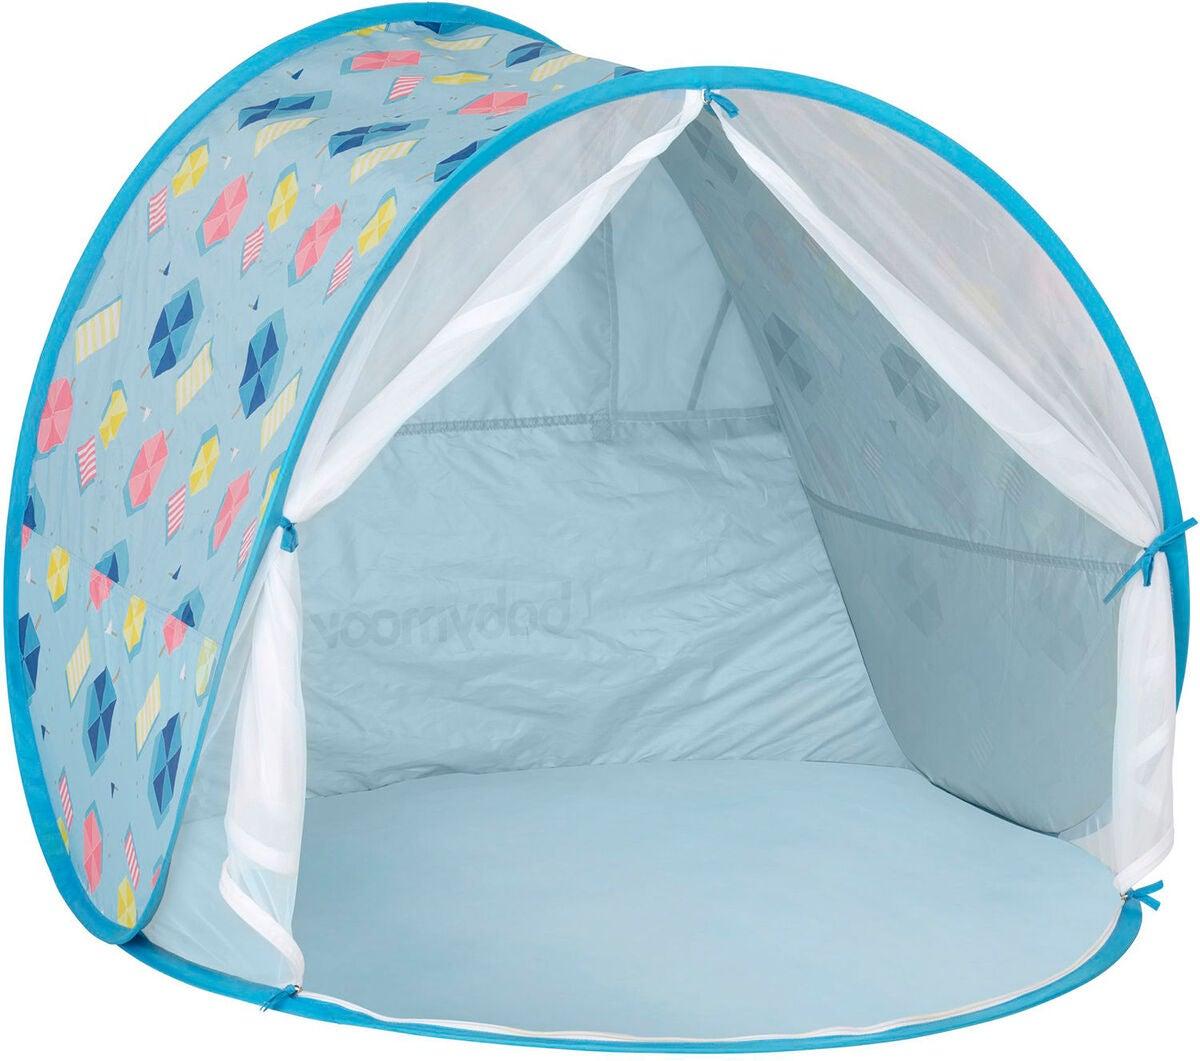 Prisvänligt UV-tält